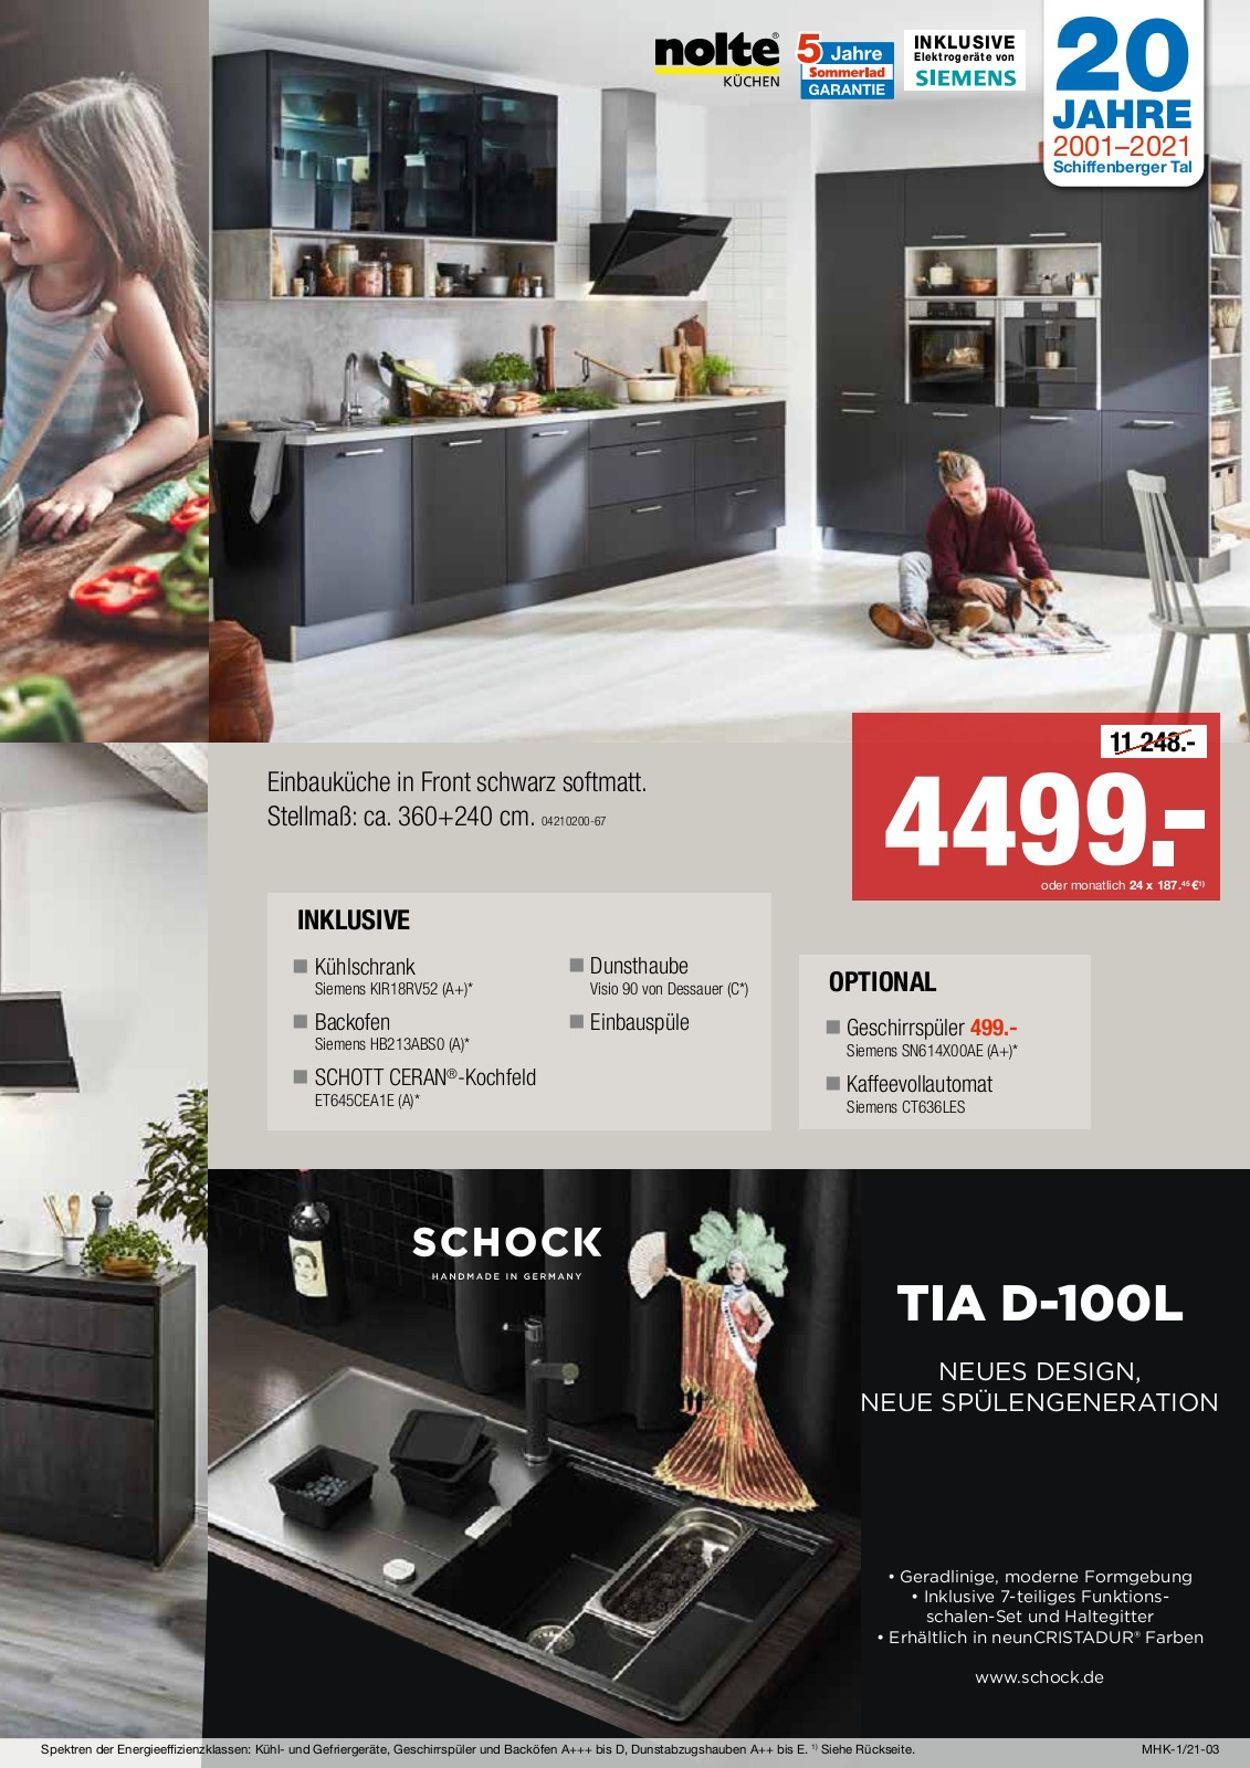 Sommerlad Prospekt - Aktuell vom 01.01-31.01.2021 (Seite 3)